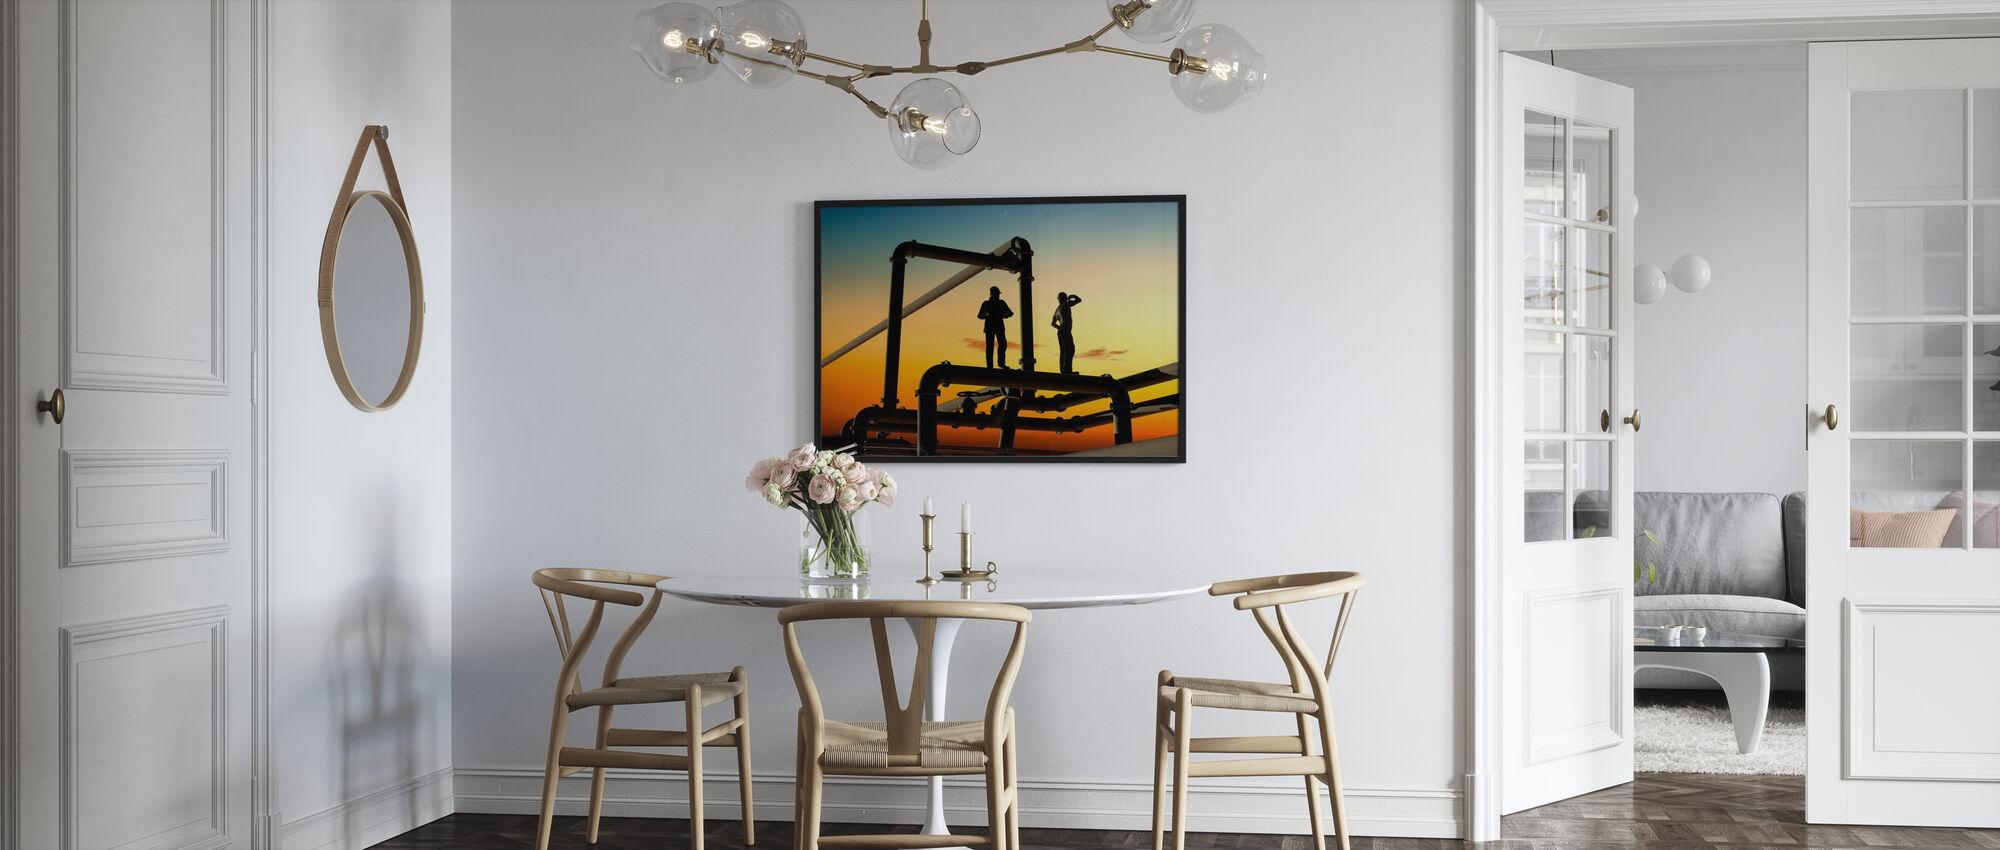 Öljytyöntekijät ja putket Sunset - Juliste - Keittiö